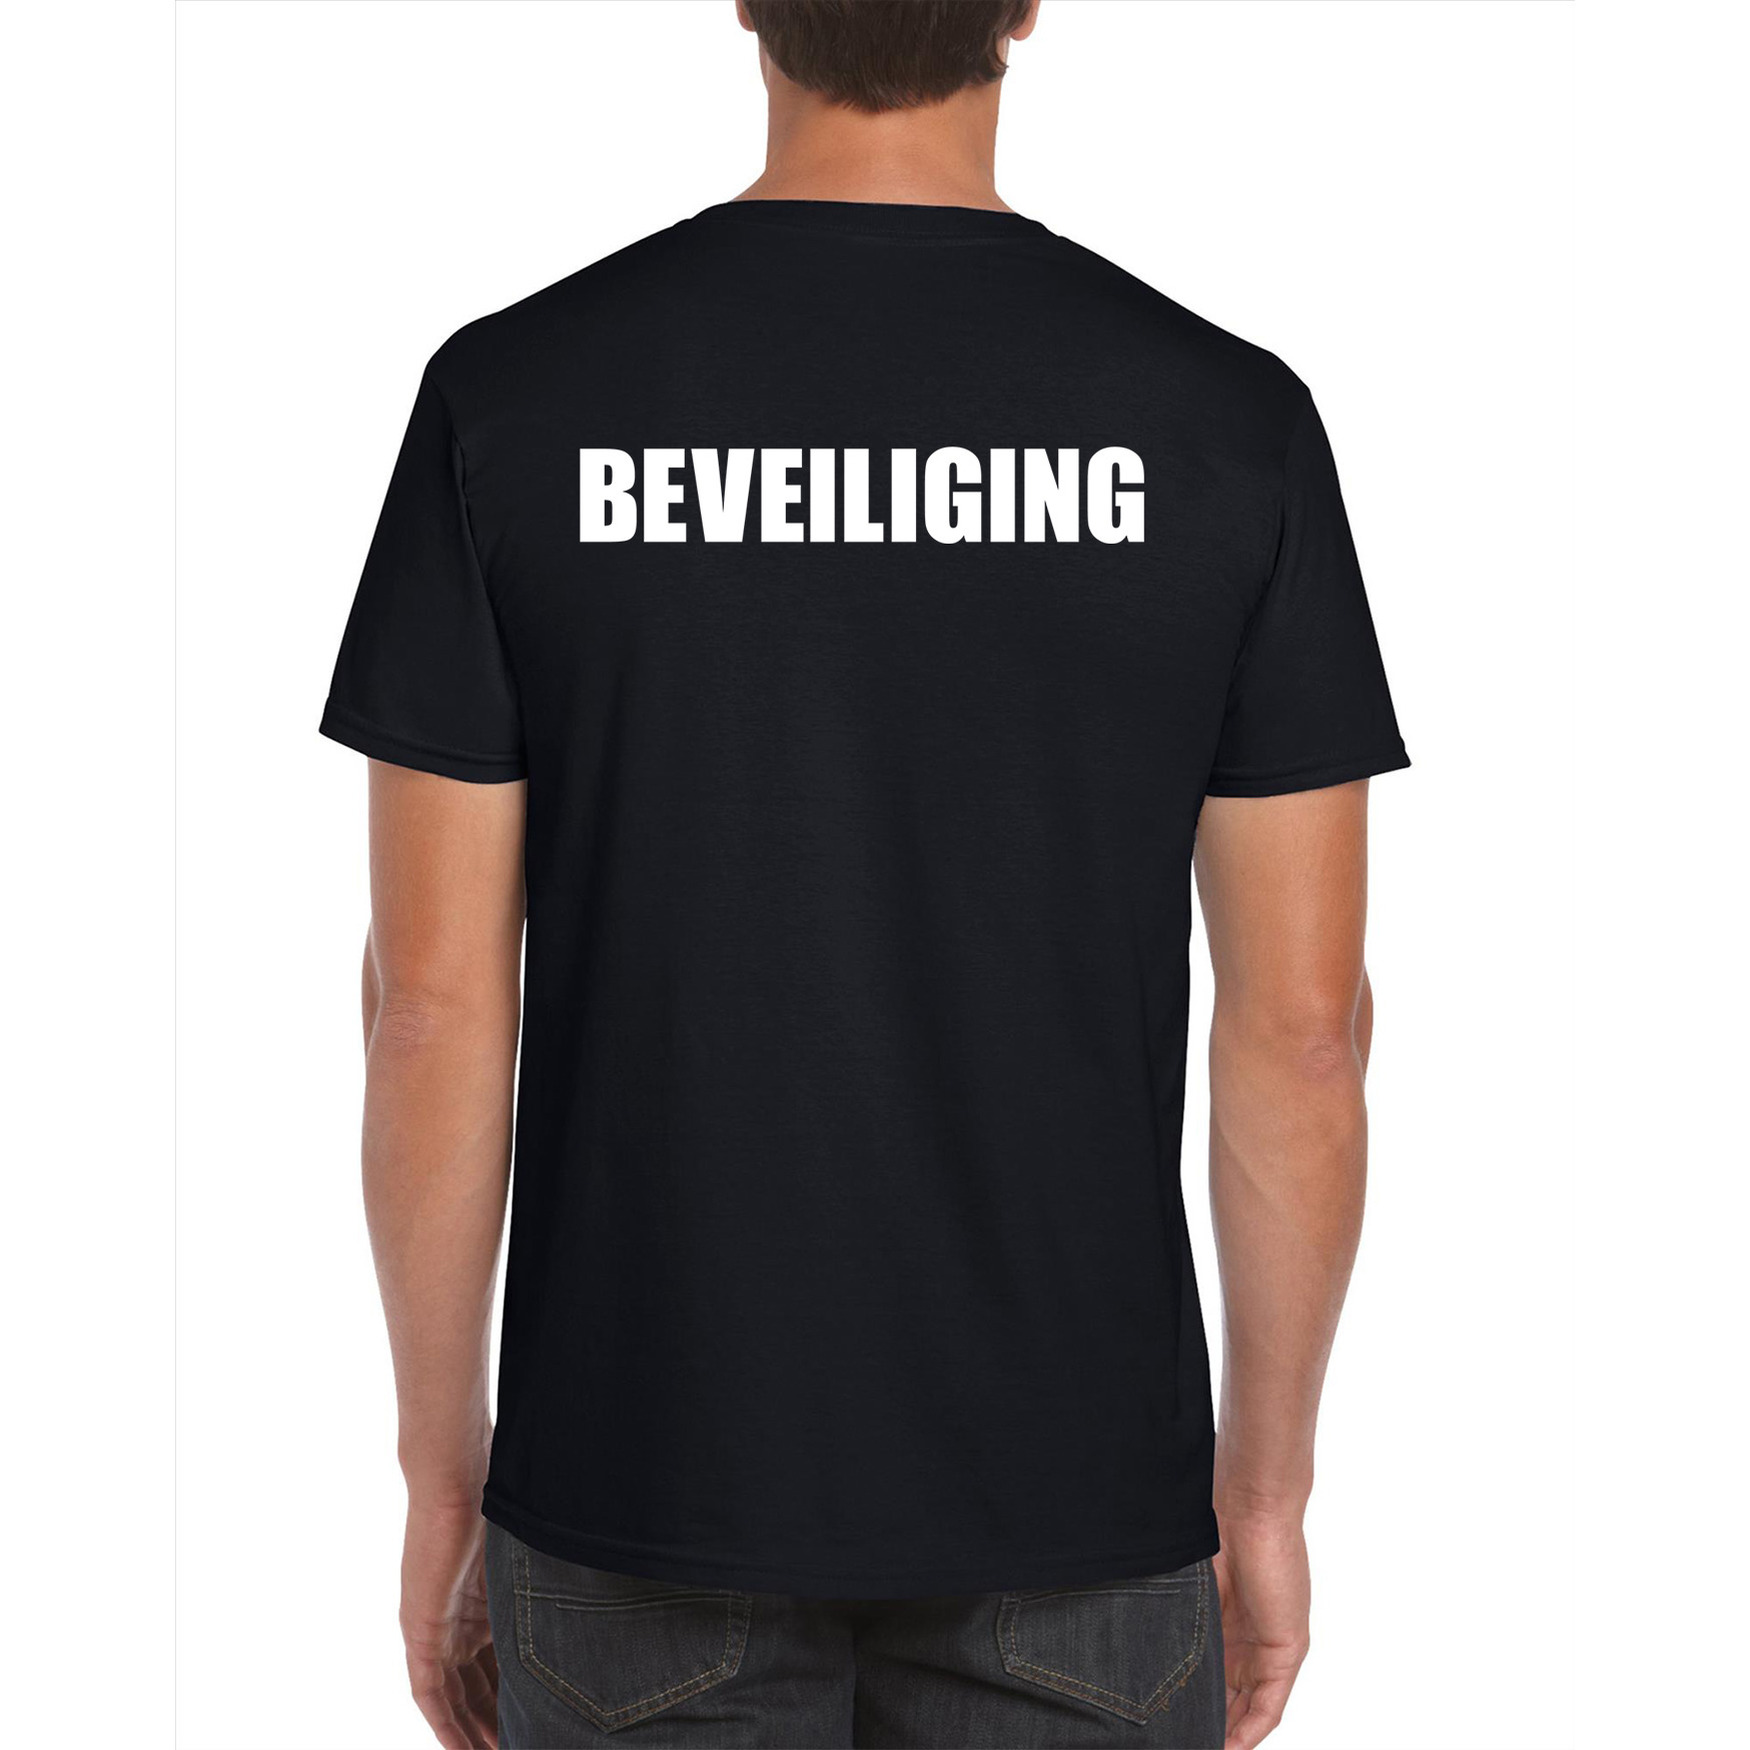 Beveiliging tekst t-shirt zwart heren